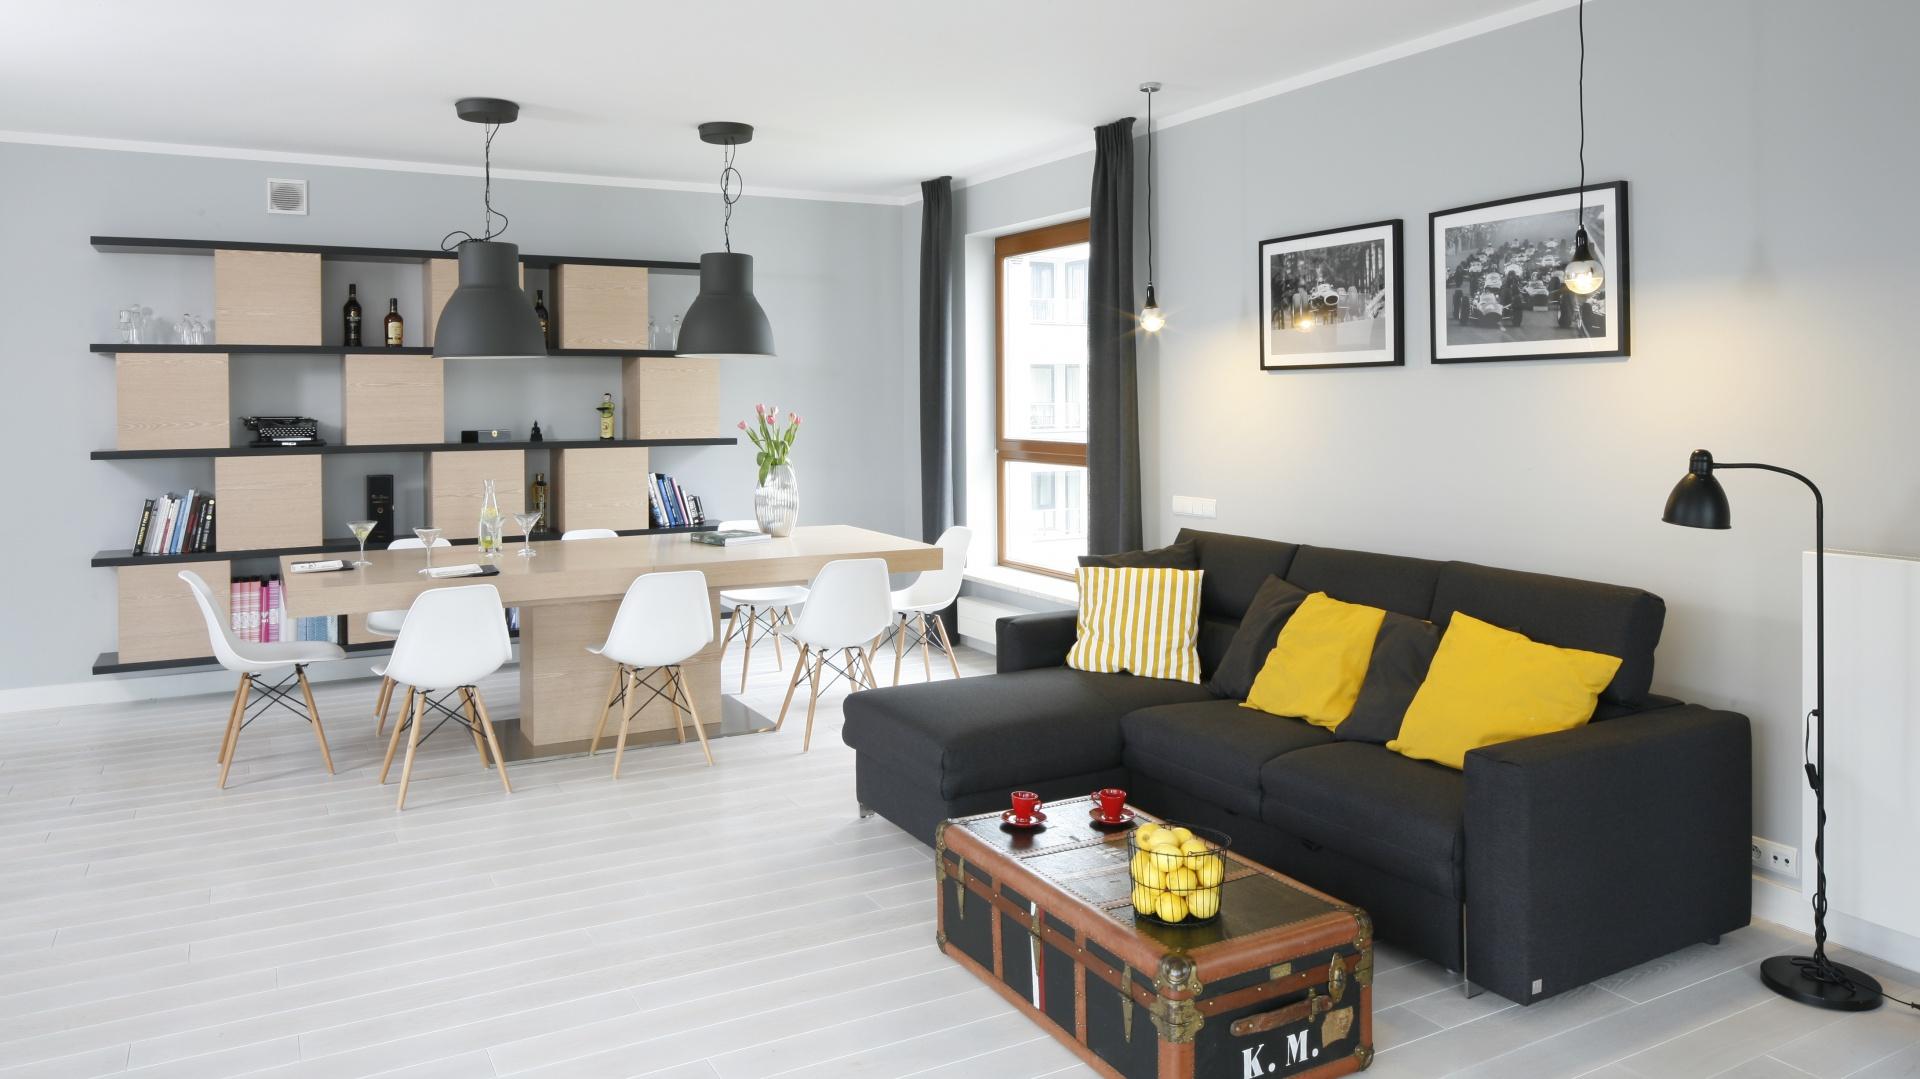 Przestrzeń salonu to królestwo oszczędnej elegancji. Zamiast dywanów mamy tu naturalna deskę dębową, a obszerny zestaw wypoczynkowy zastąpił elegancki narożnik. Projekt: Maciejka Peszyńska-Drwes. Fot. Bartosz Jarosz.